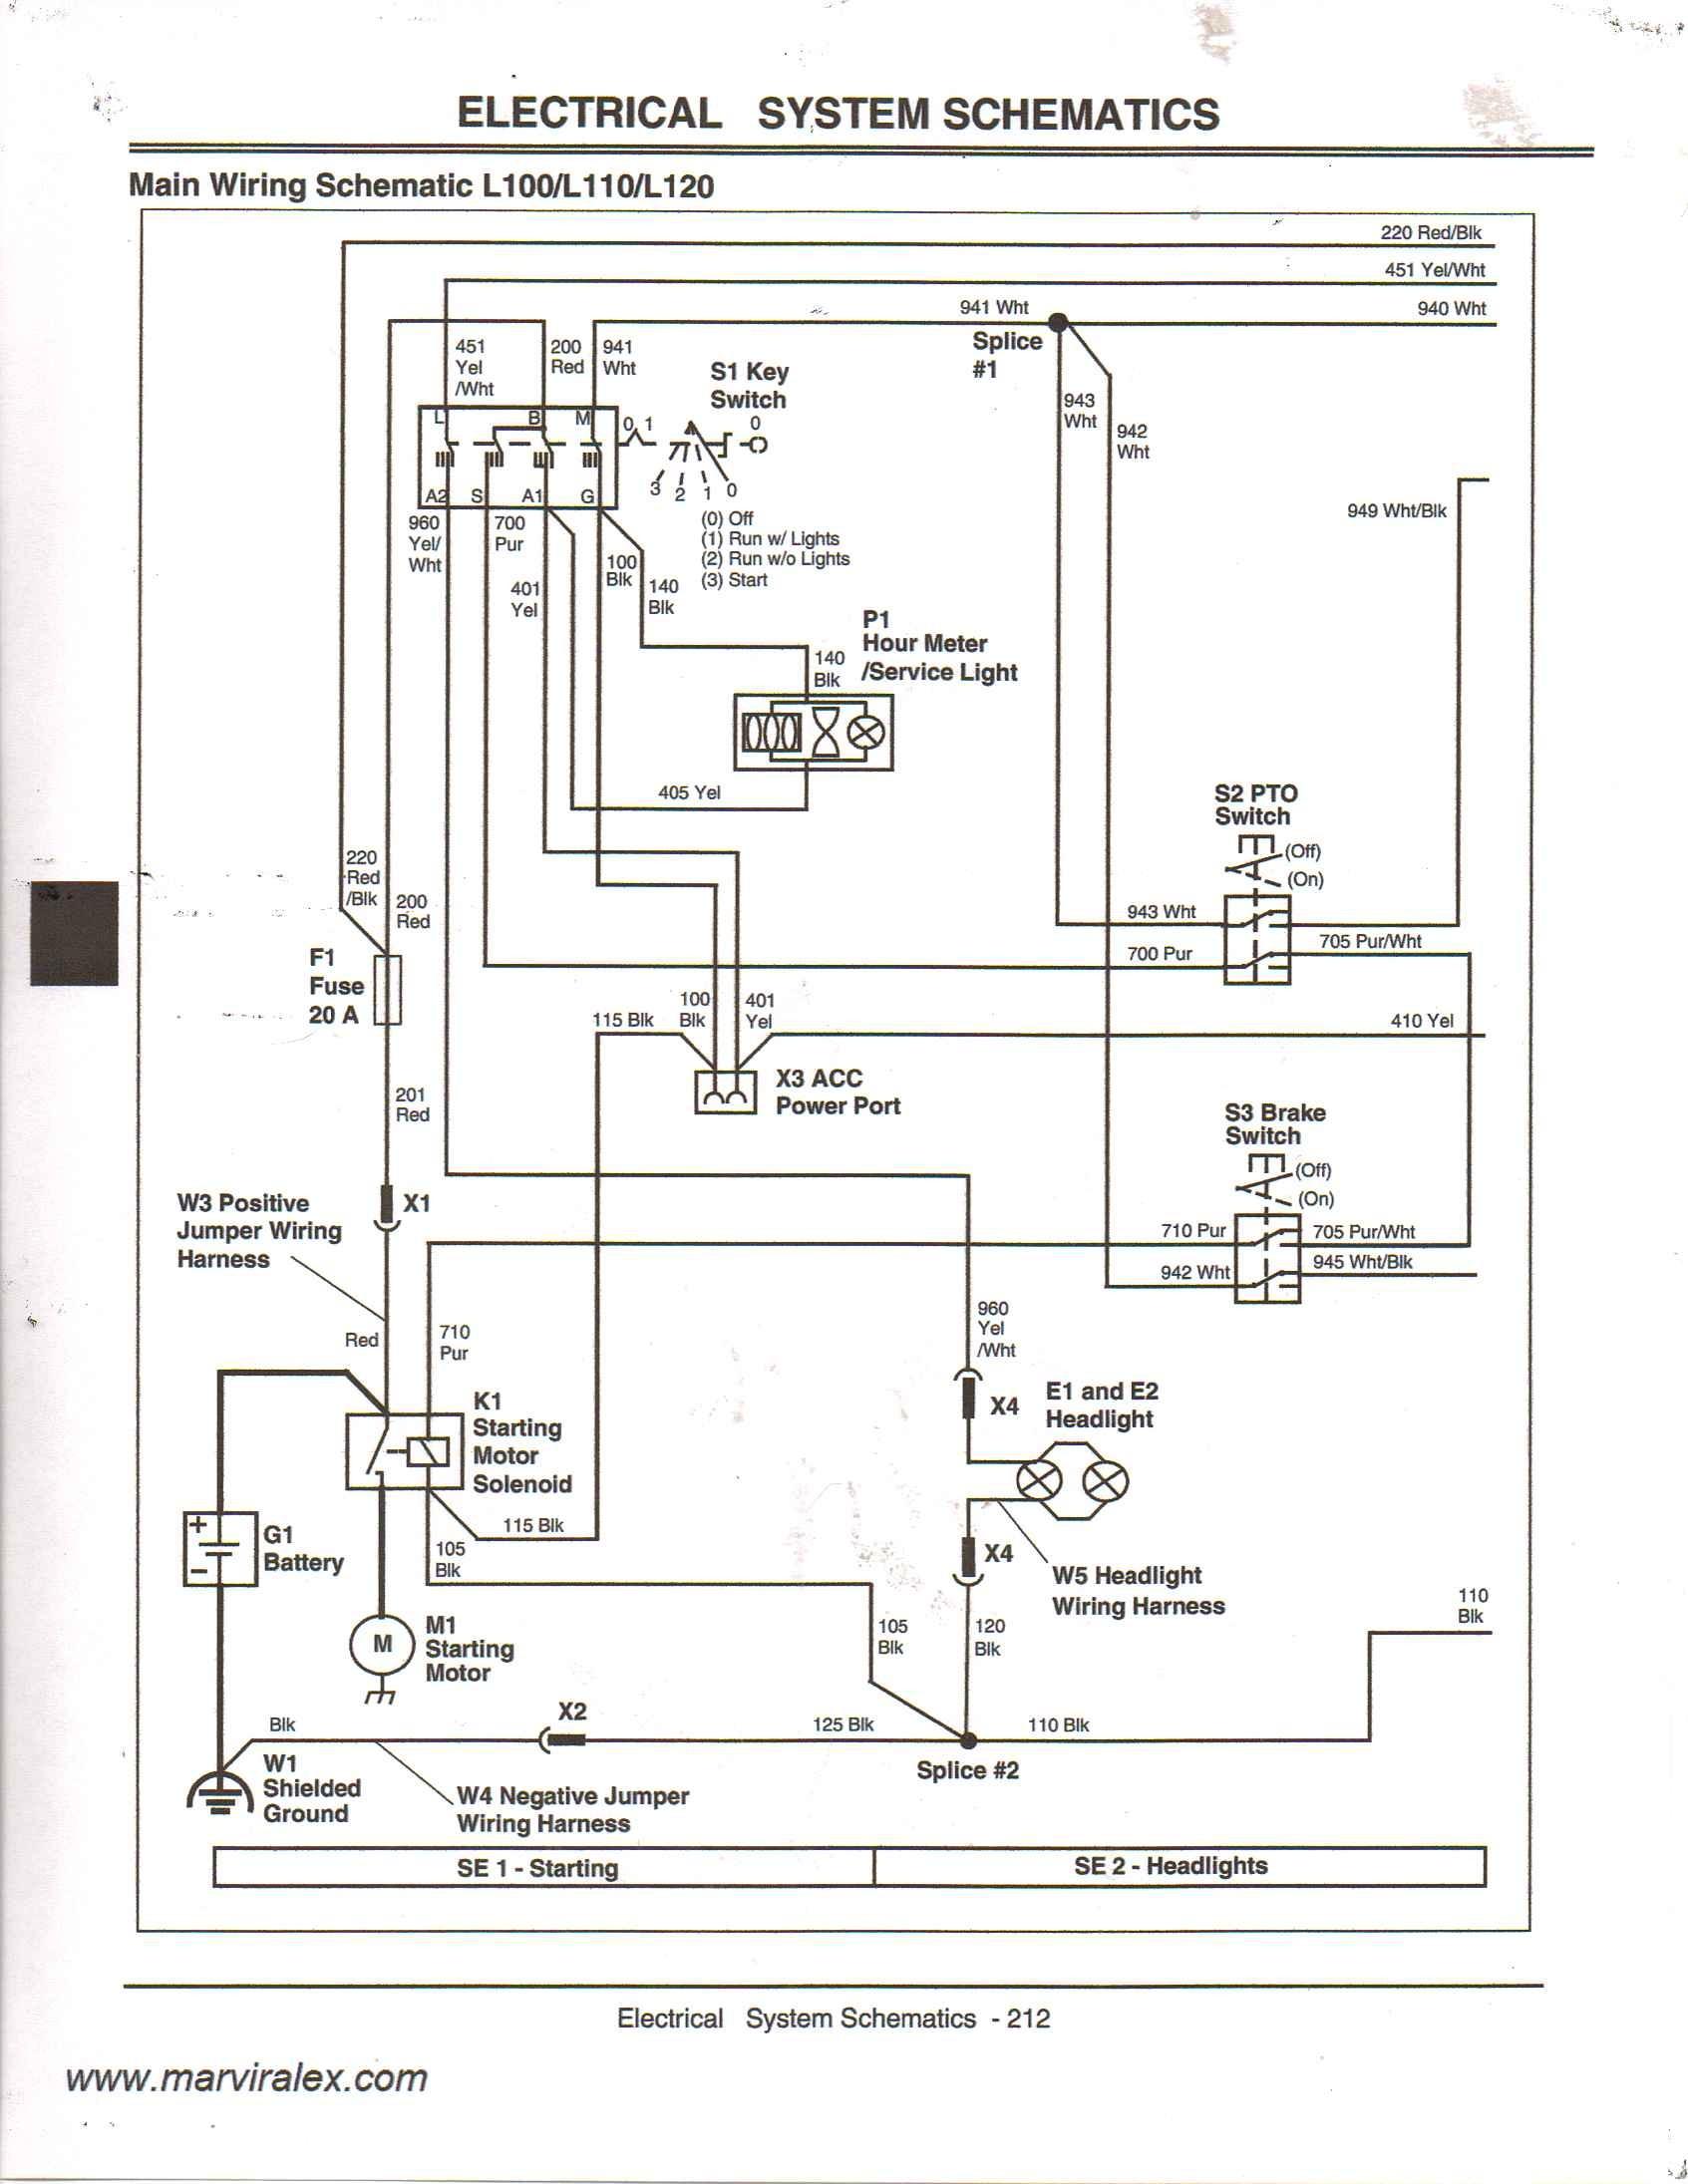 John Deere 318 Wiring Diagram Cb 4290] for John Deere 1050 Tractor Wiring Diagram Of John Deere 318 Wiring Diagram